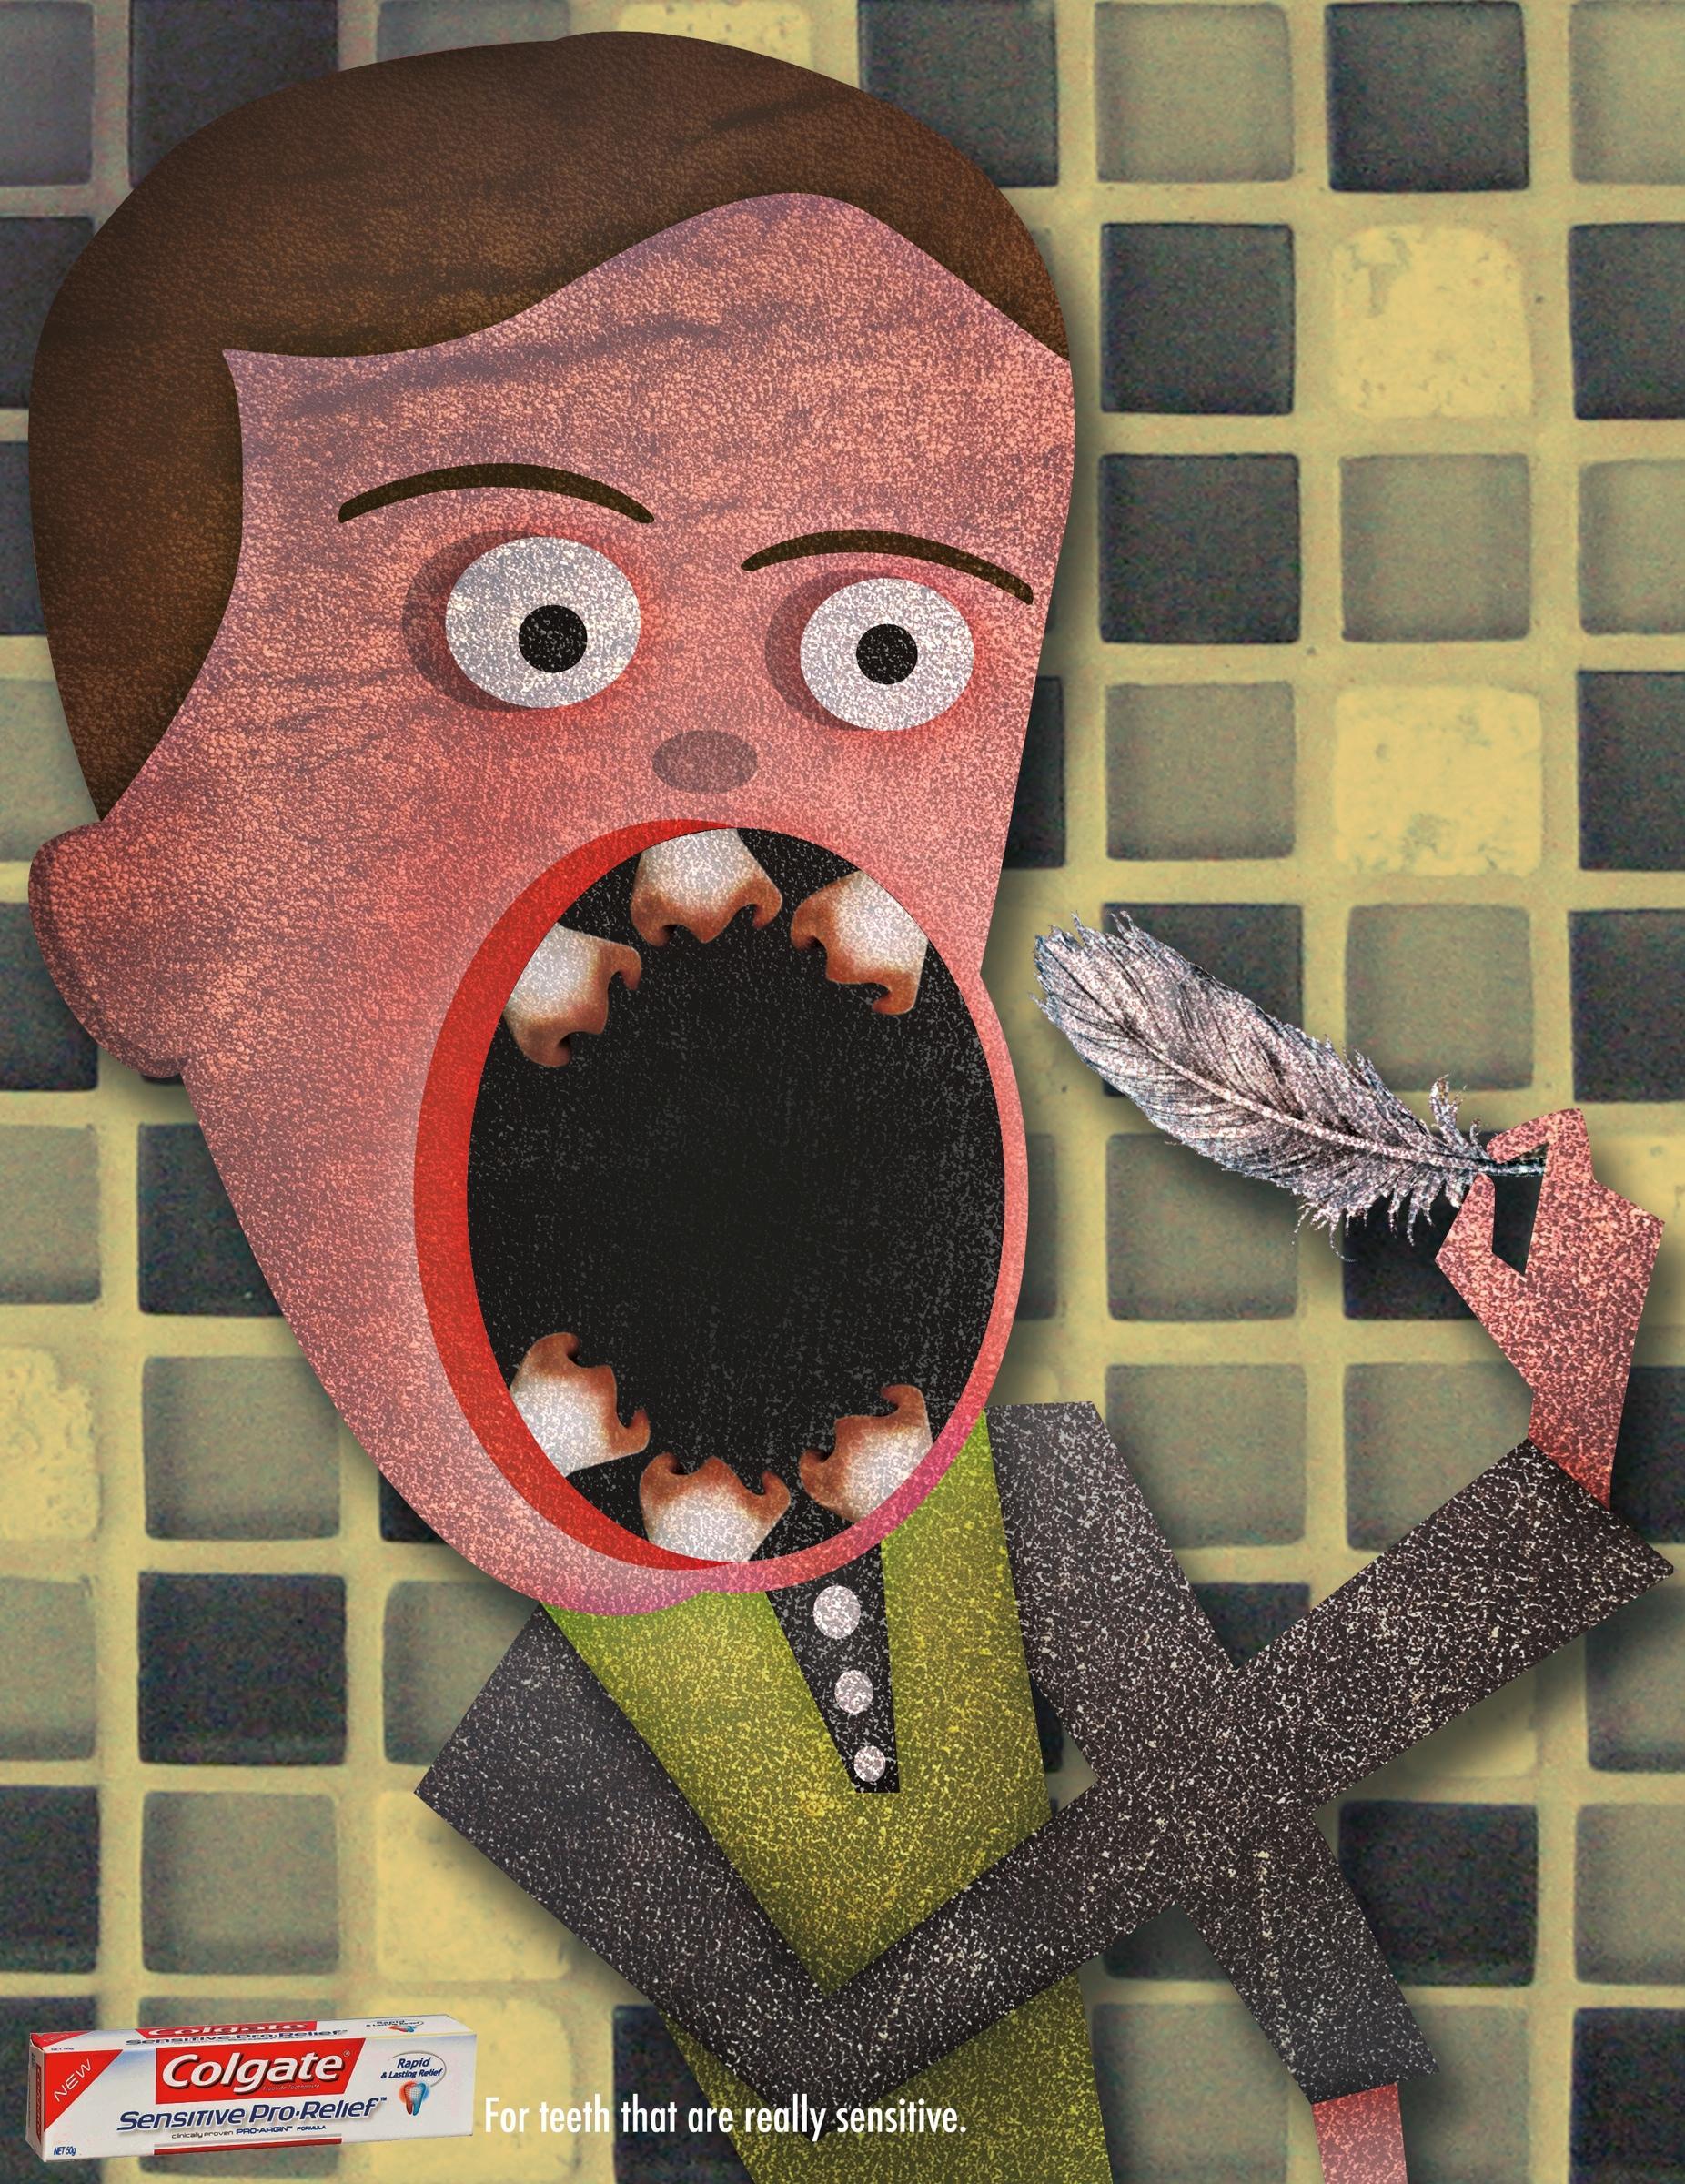 Colgate Print Ad -  Sensitive Teeth, 3